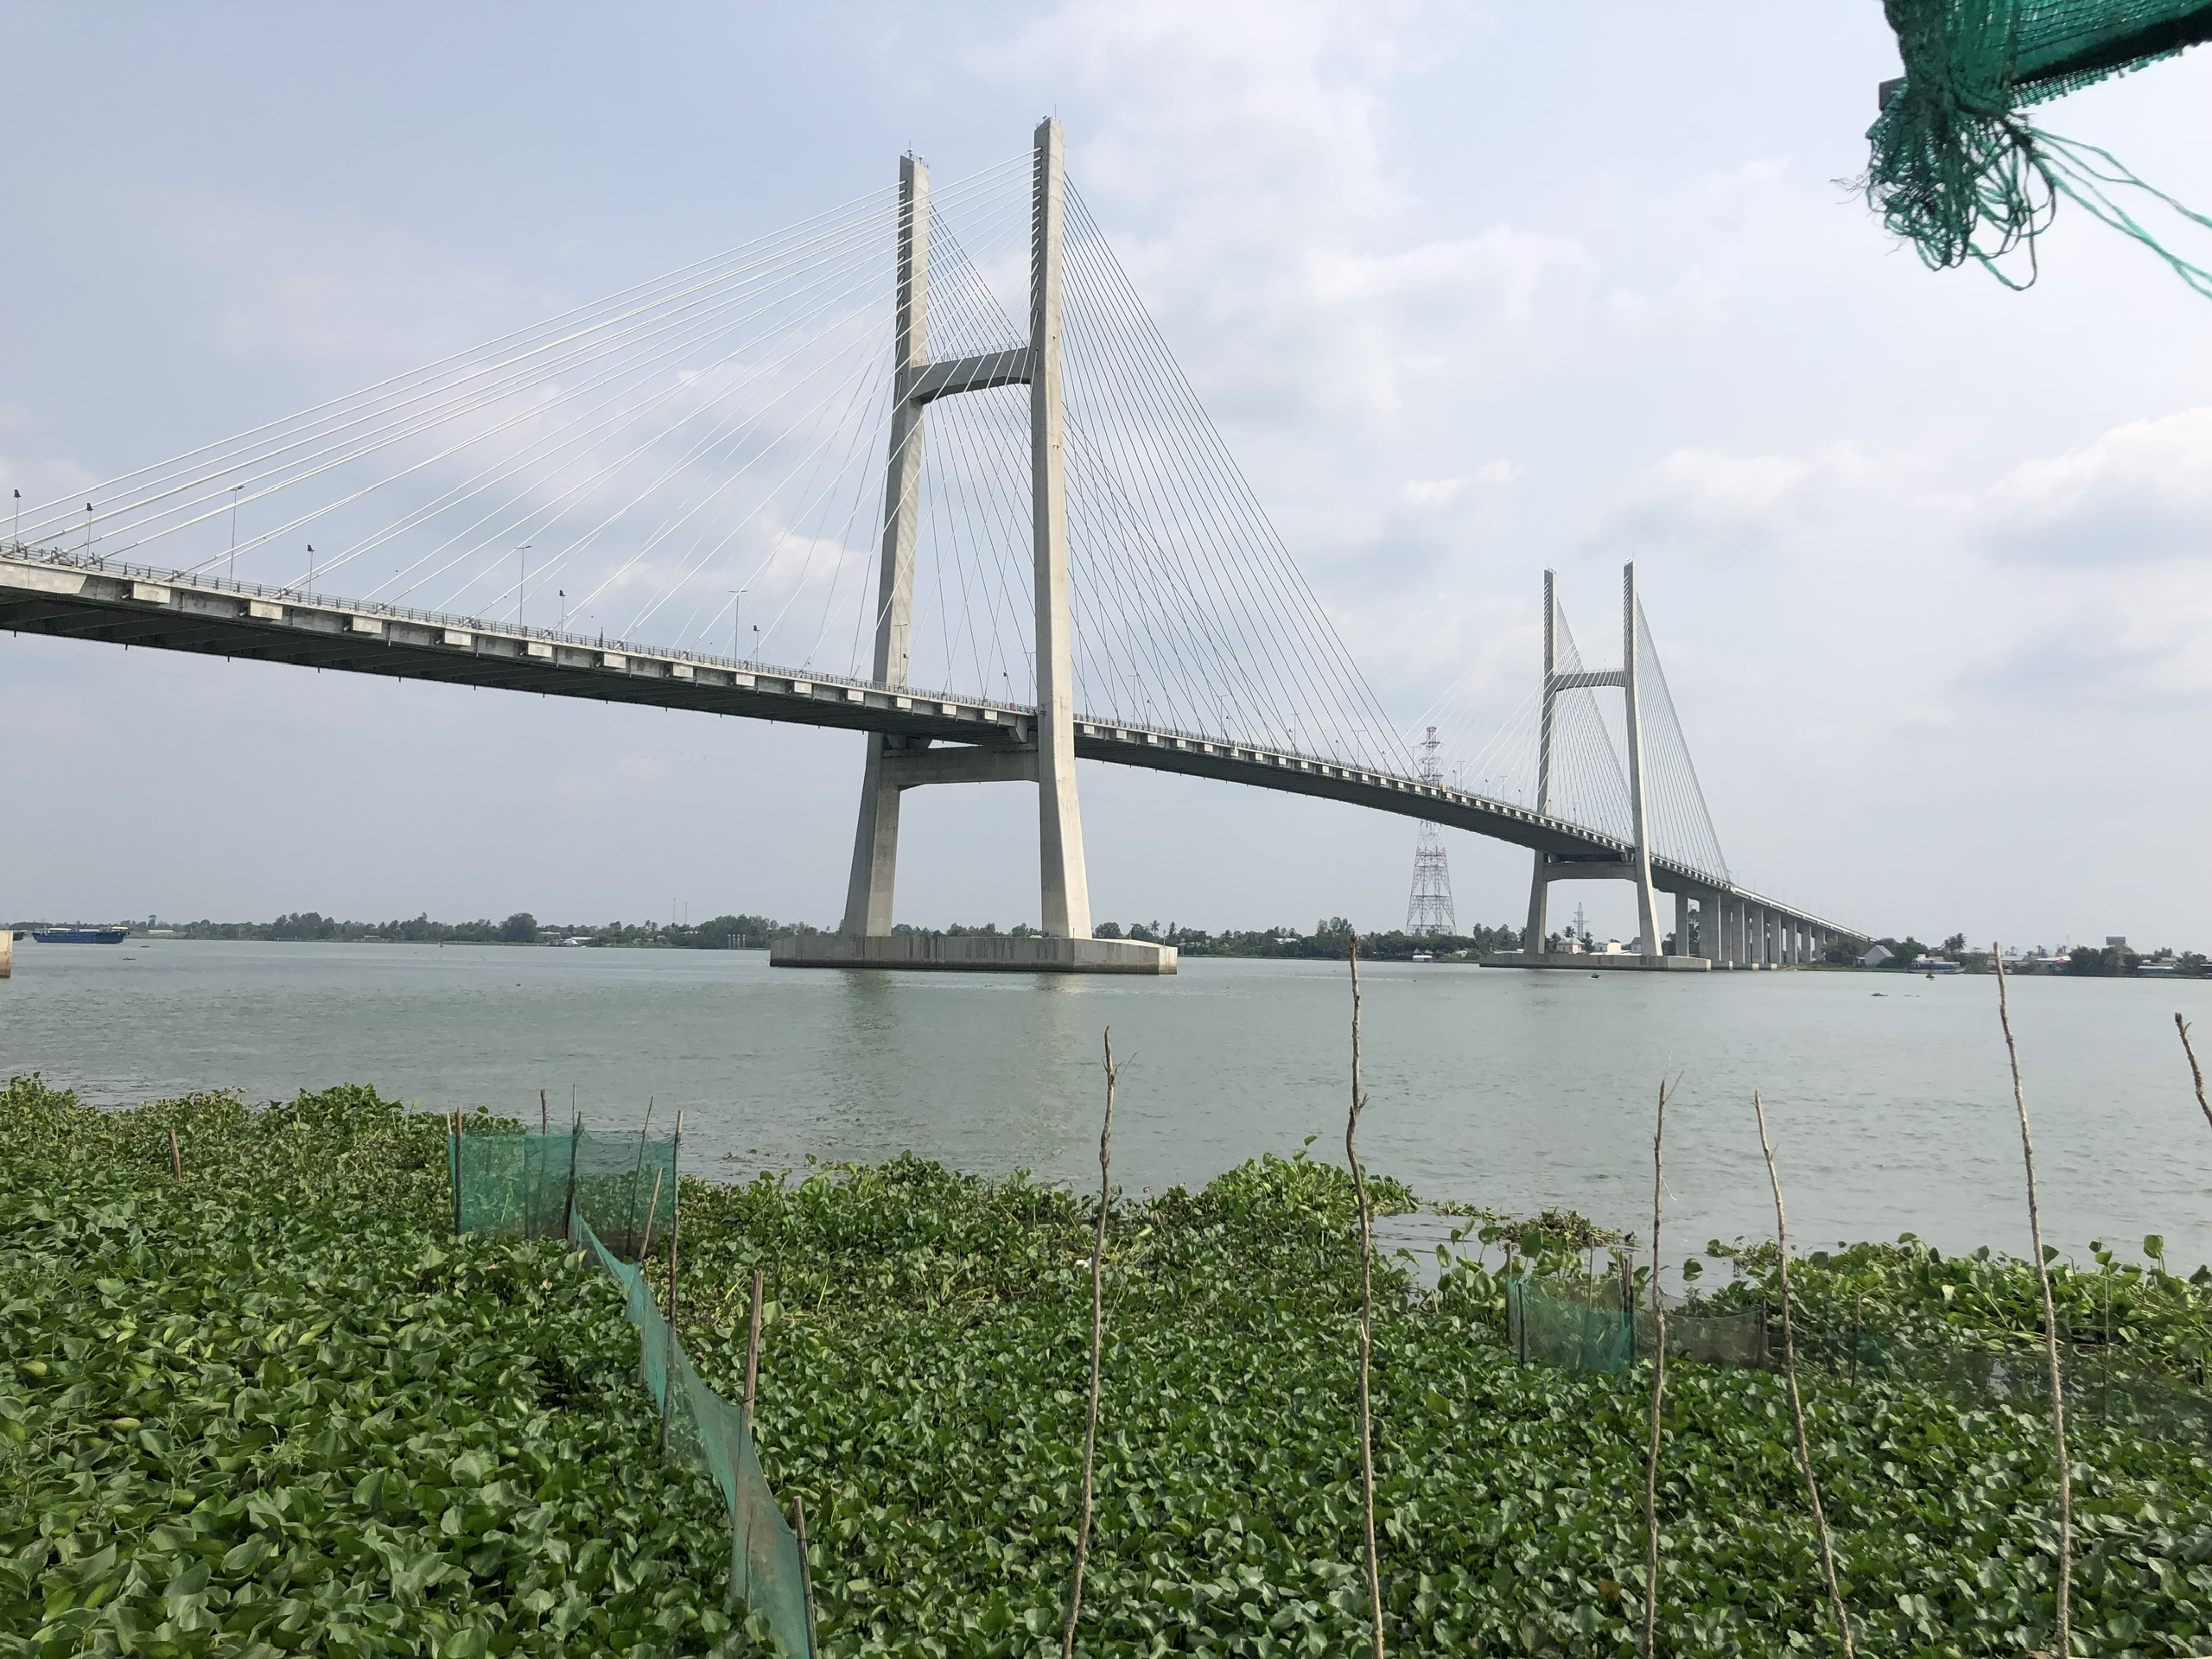 Cầu Cao Lãnh trên đường đi đến Châu Đốc